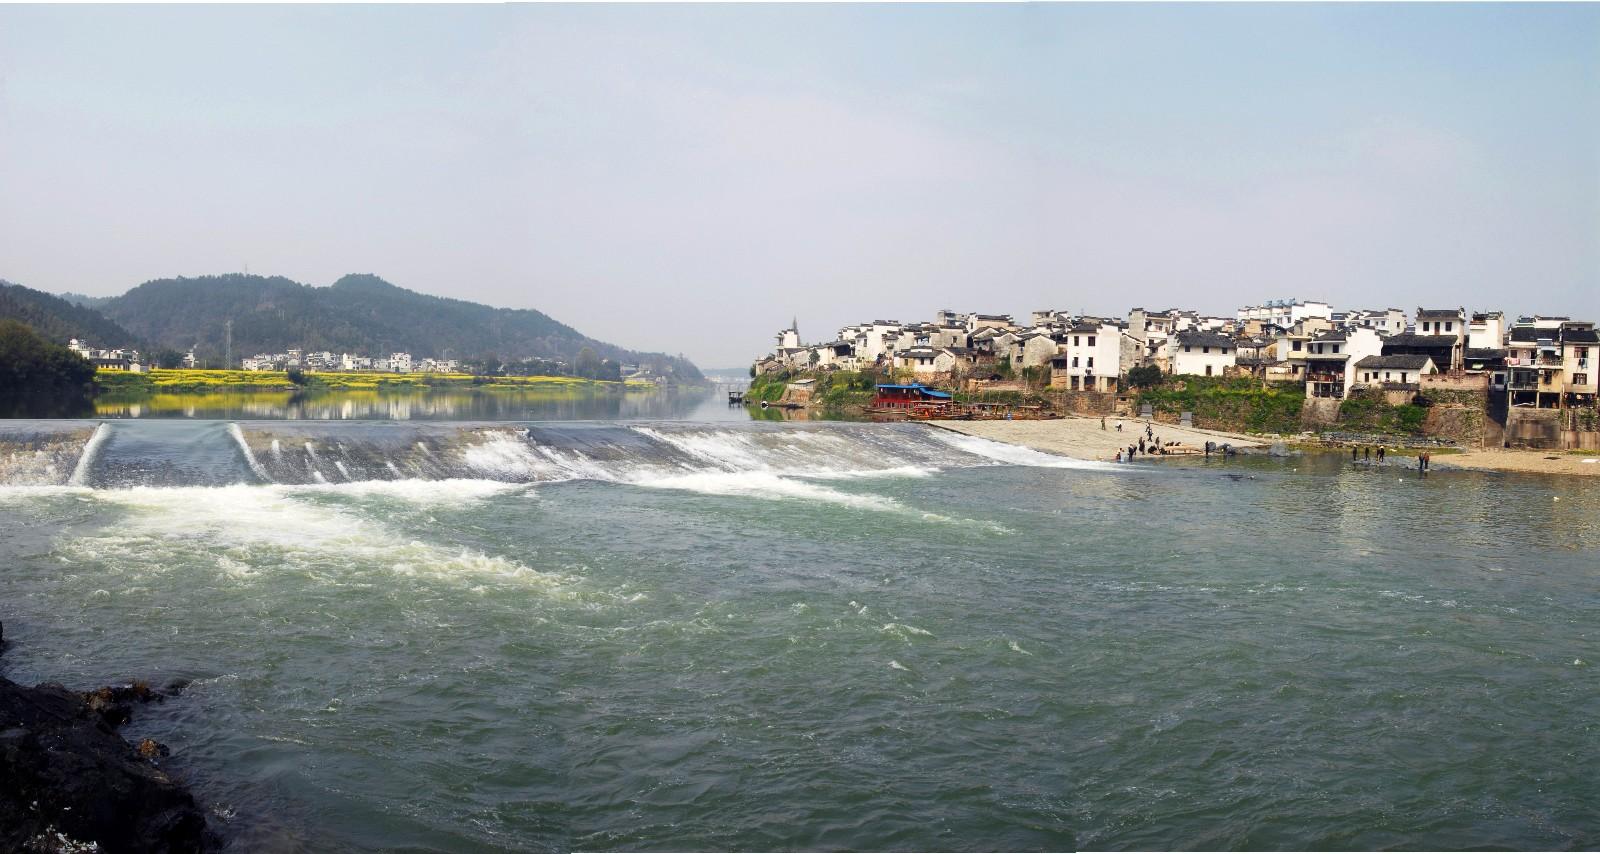 黄山—千岛湖黄金旅游线上的